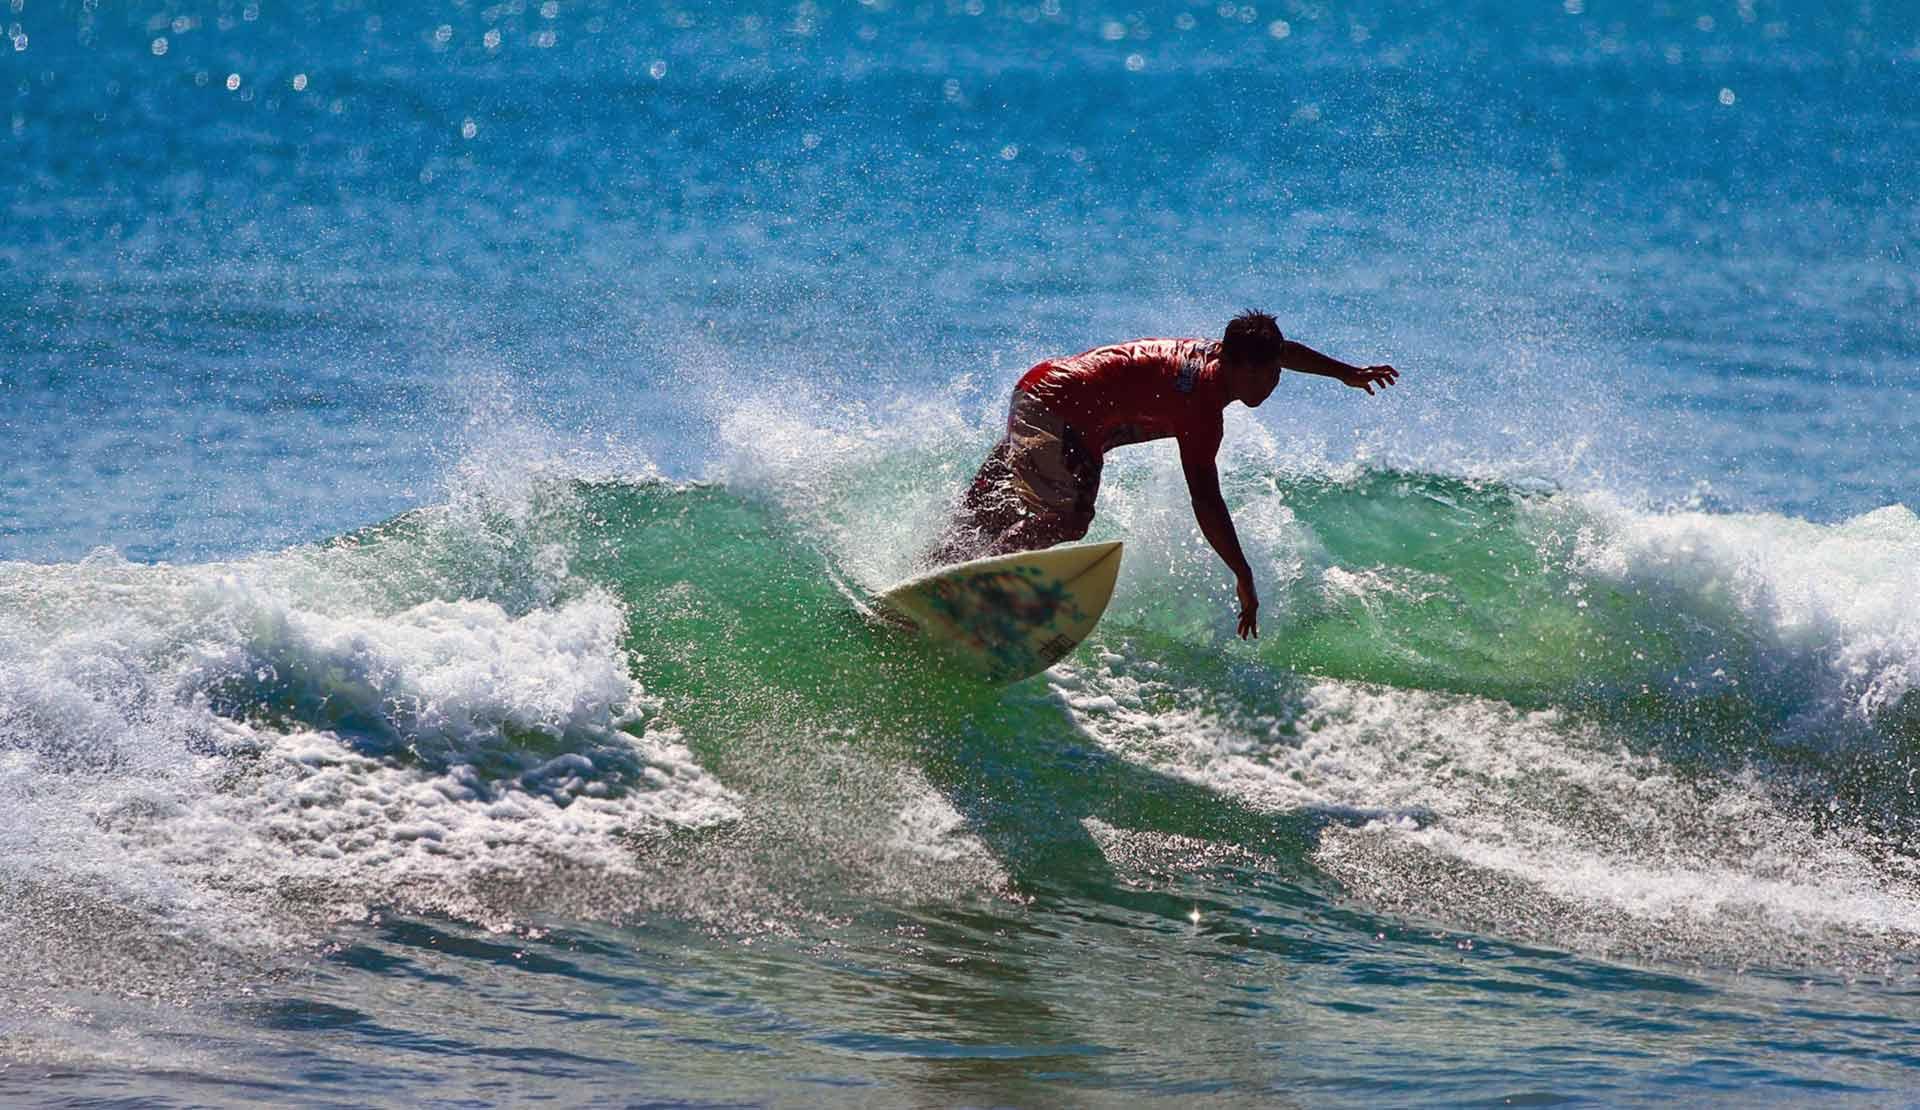 Jericoacoara surfing